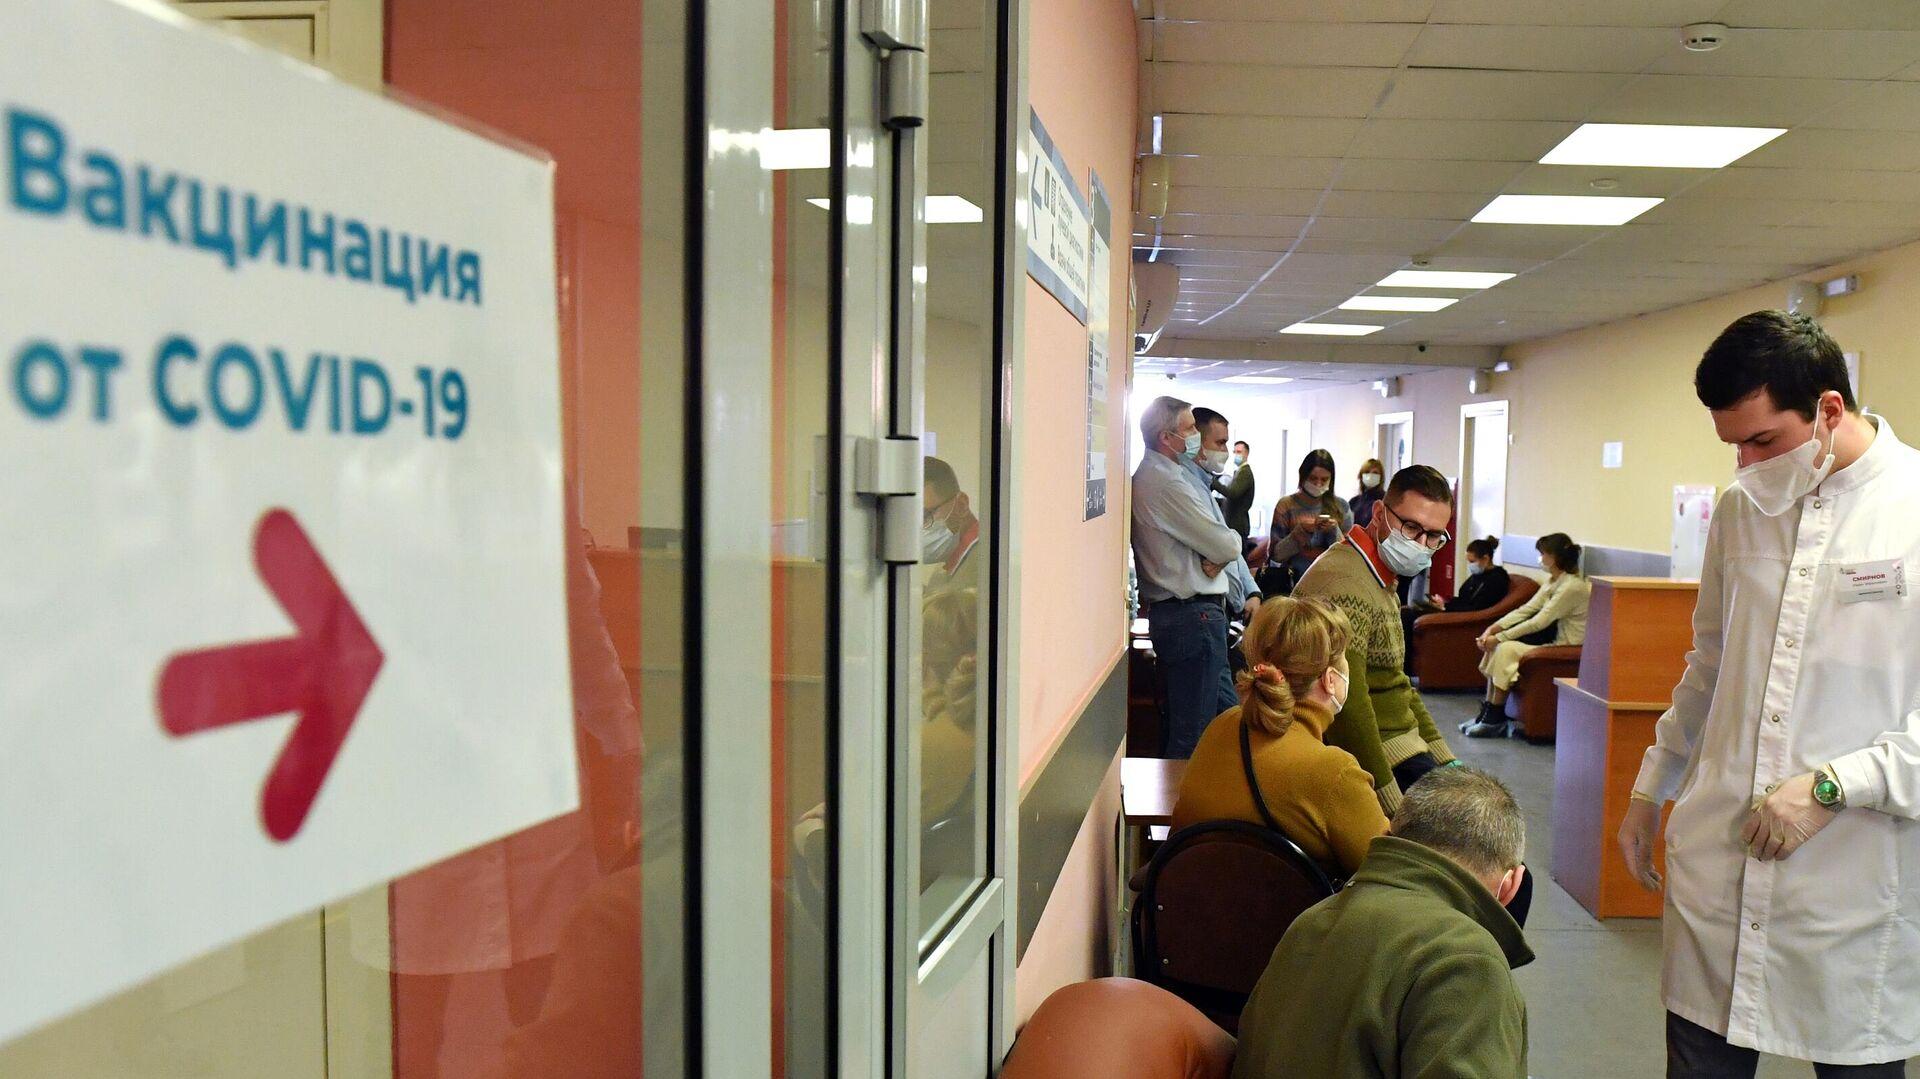 Очередь перед процедурным кабинетом, где проходит вакцинация - РИА Новости, 1920, 20.01.2021